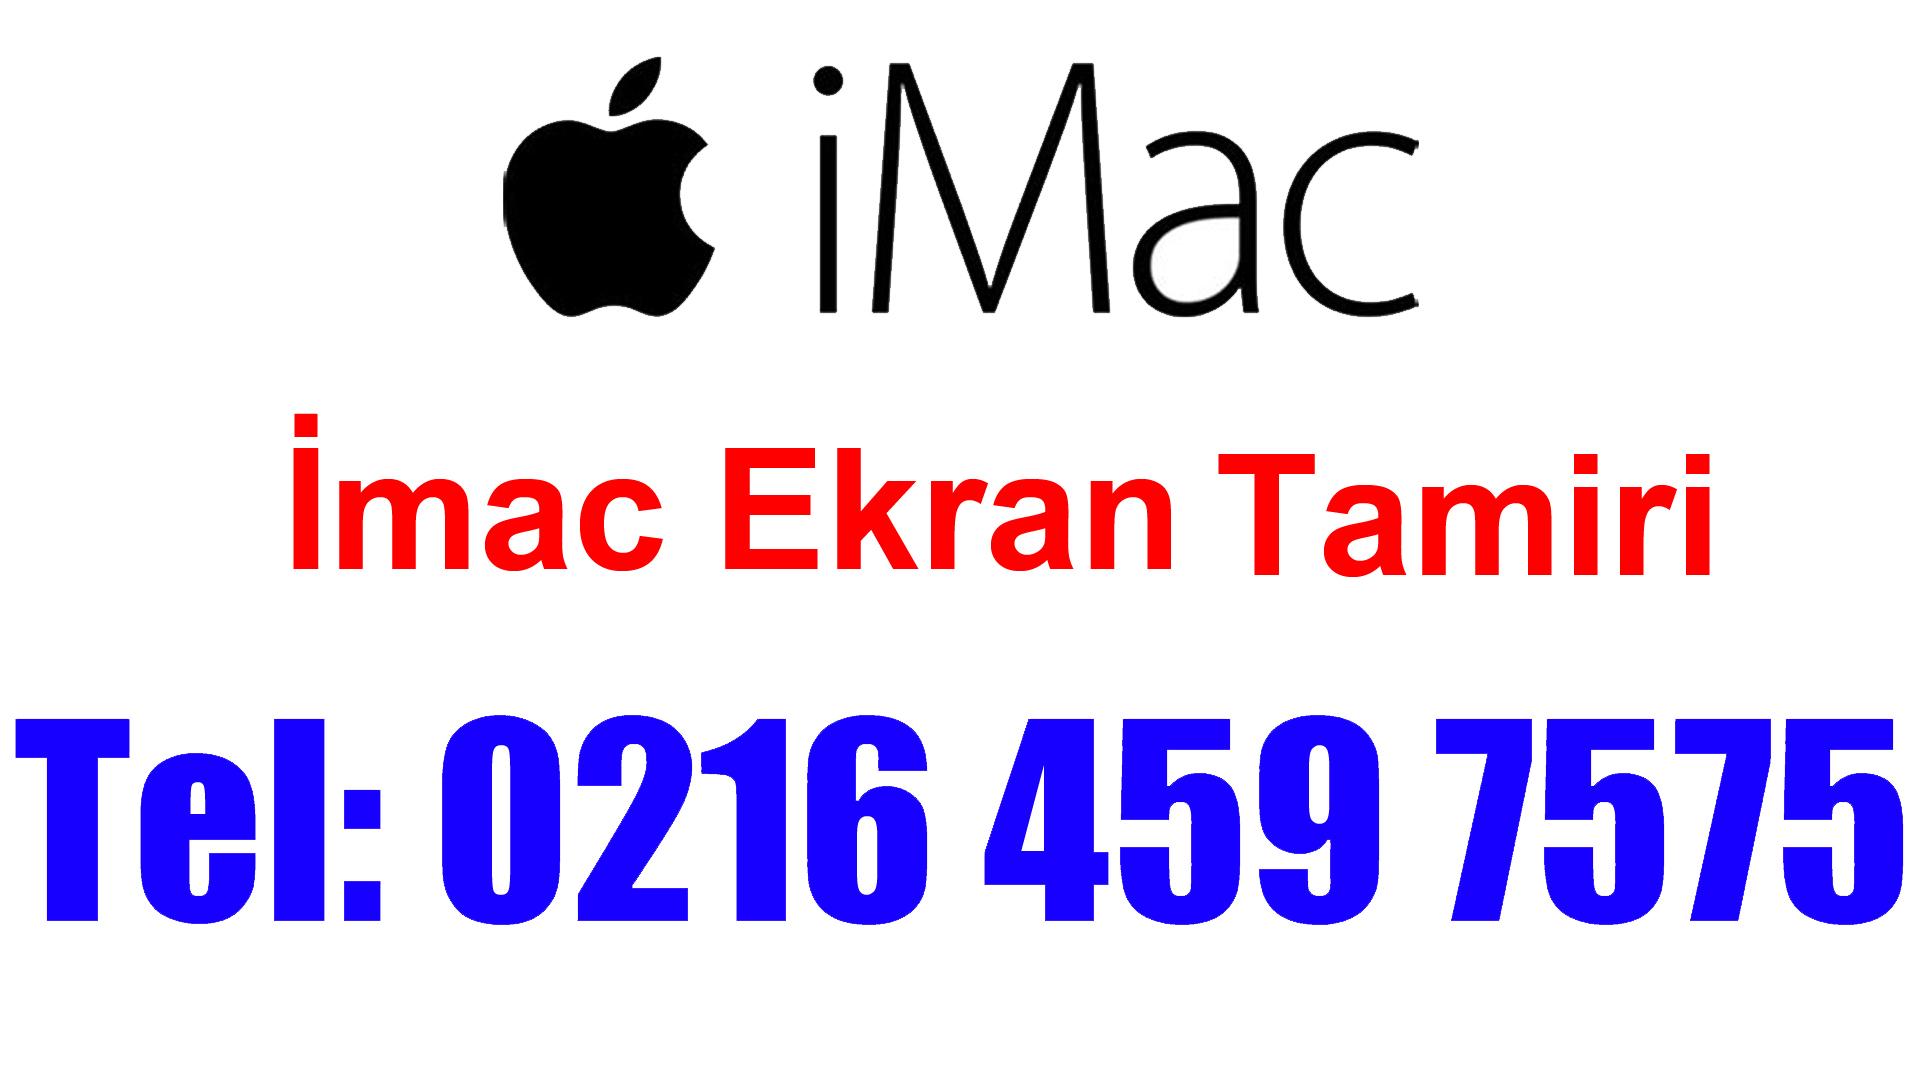 iMac Ekran Değişimi ve Tamiri